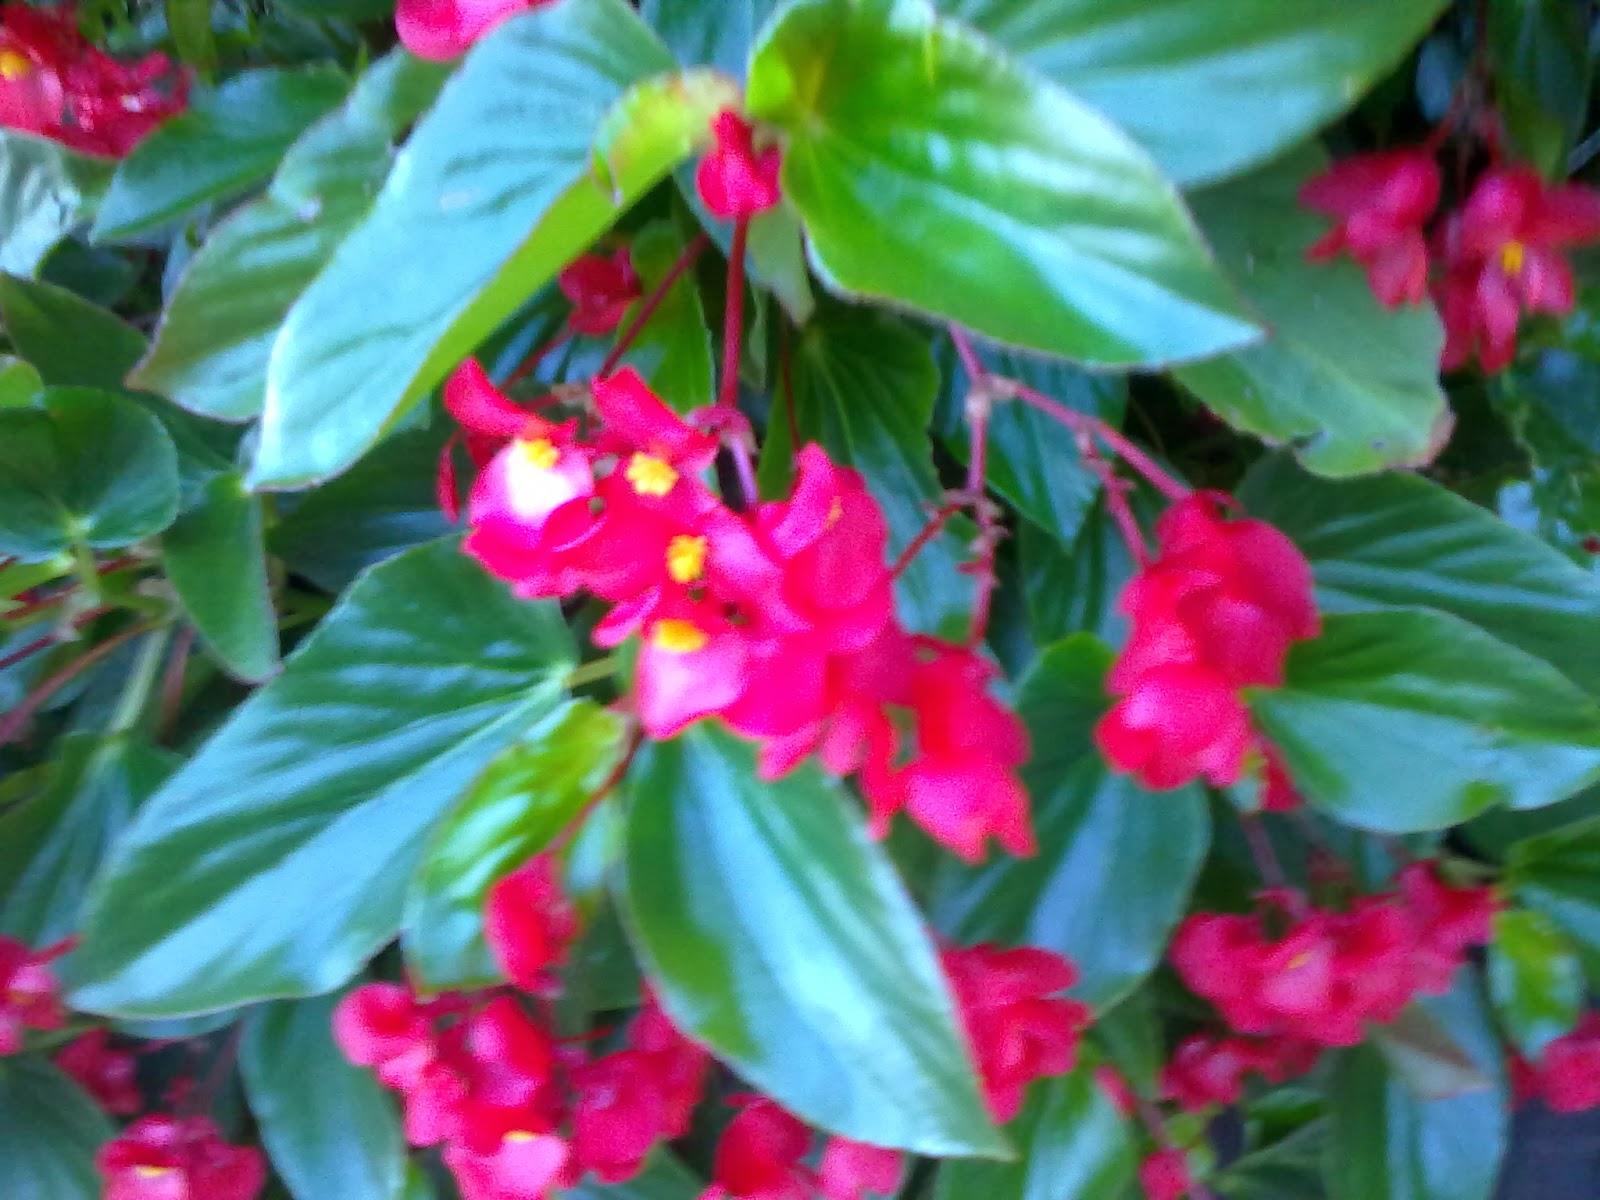 Fotos y nombres de flores de jardin - Plantas de jardin nombres ...